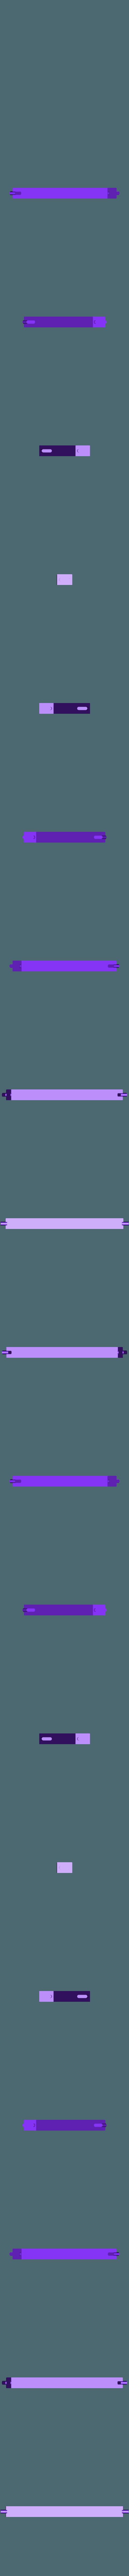 11.STL Télécharger fichier STL gratuit chaise renaissance • Plan pour imprimante 3D, 3DPrinterFiles